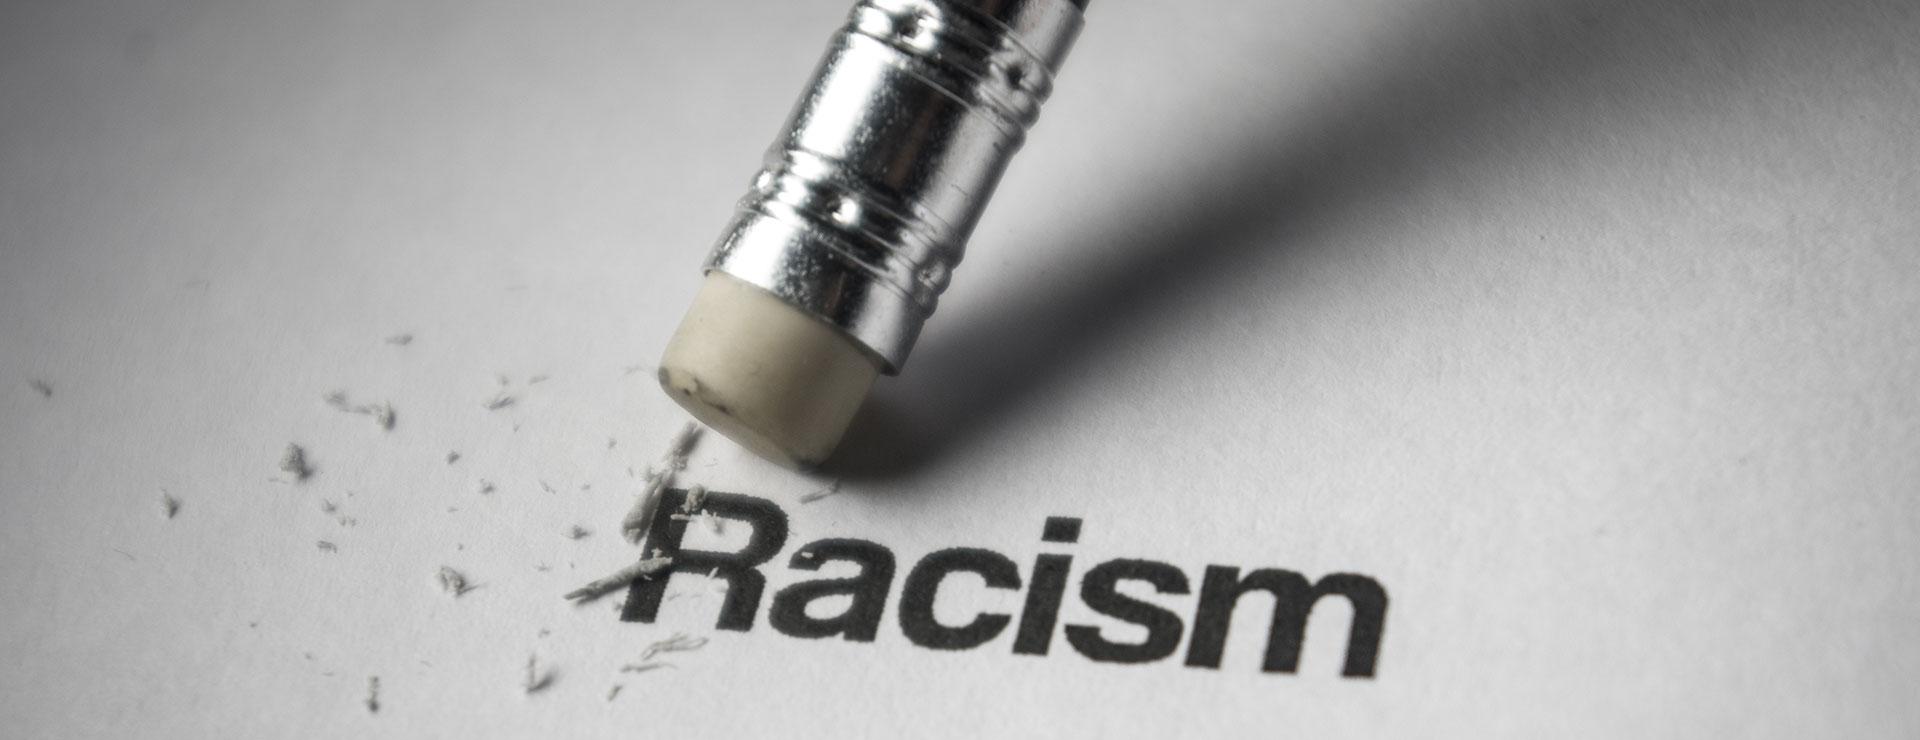 Das Bild zeigt ein Blatt Papier, auf dem das Wort Racism steht. Das Wort wird von einem Radiergummi ausradiert.